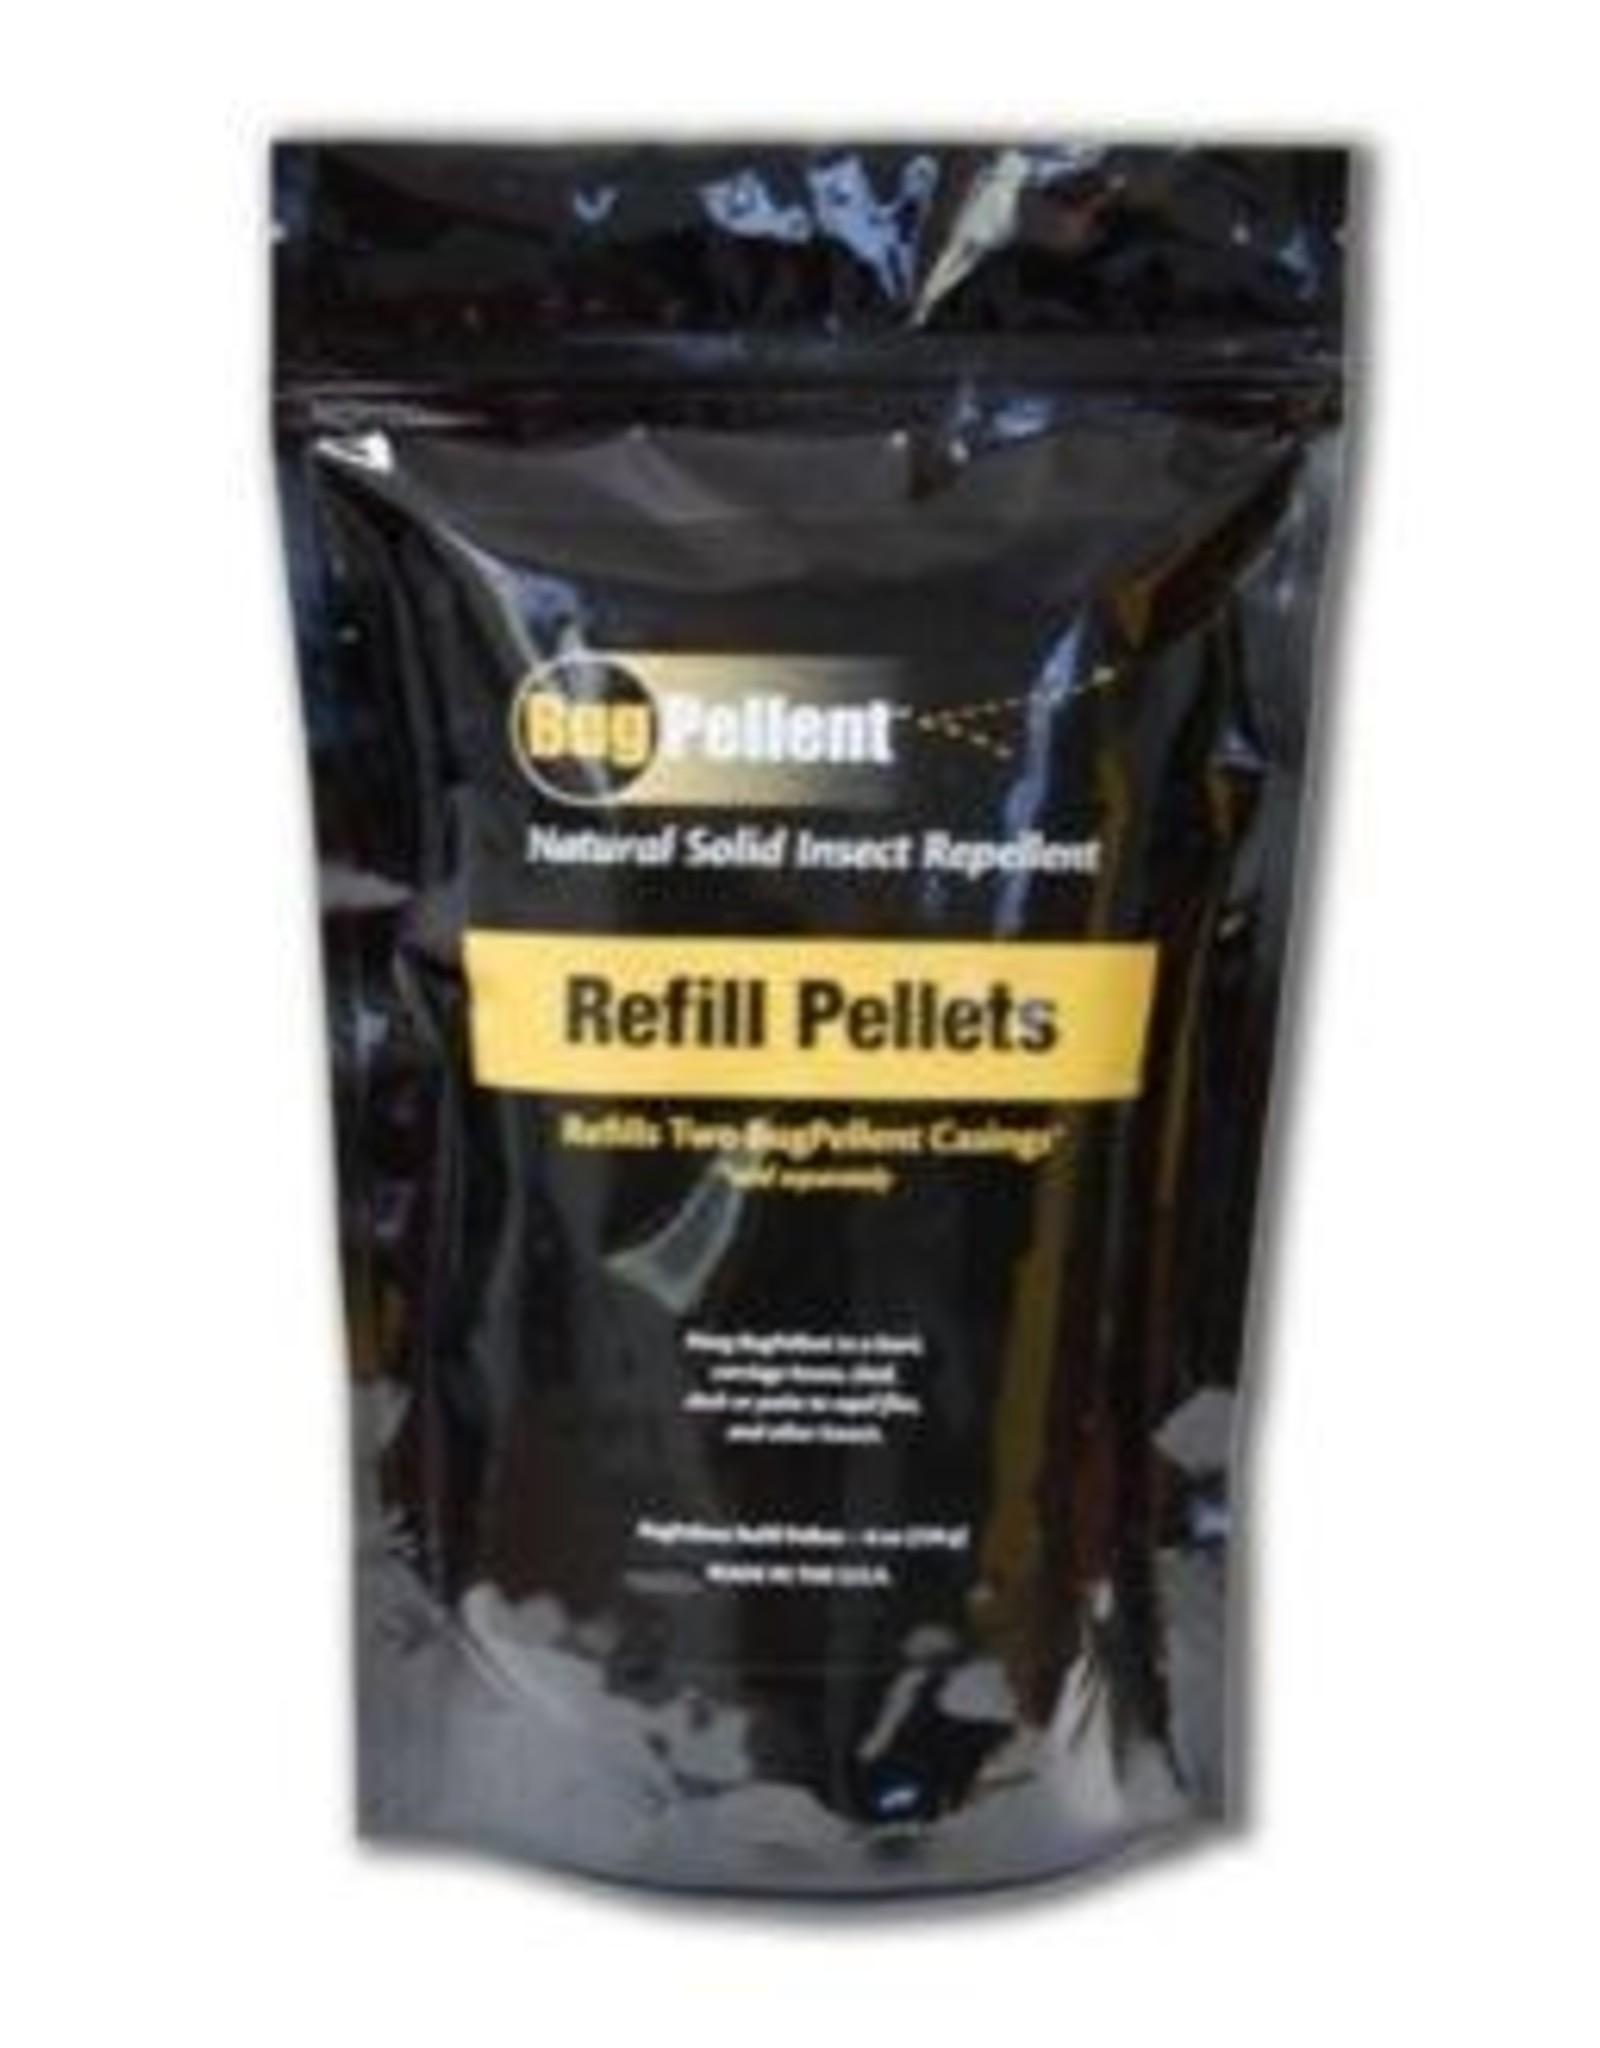 BugPellent Refill